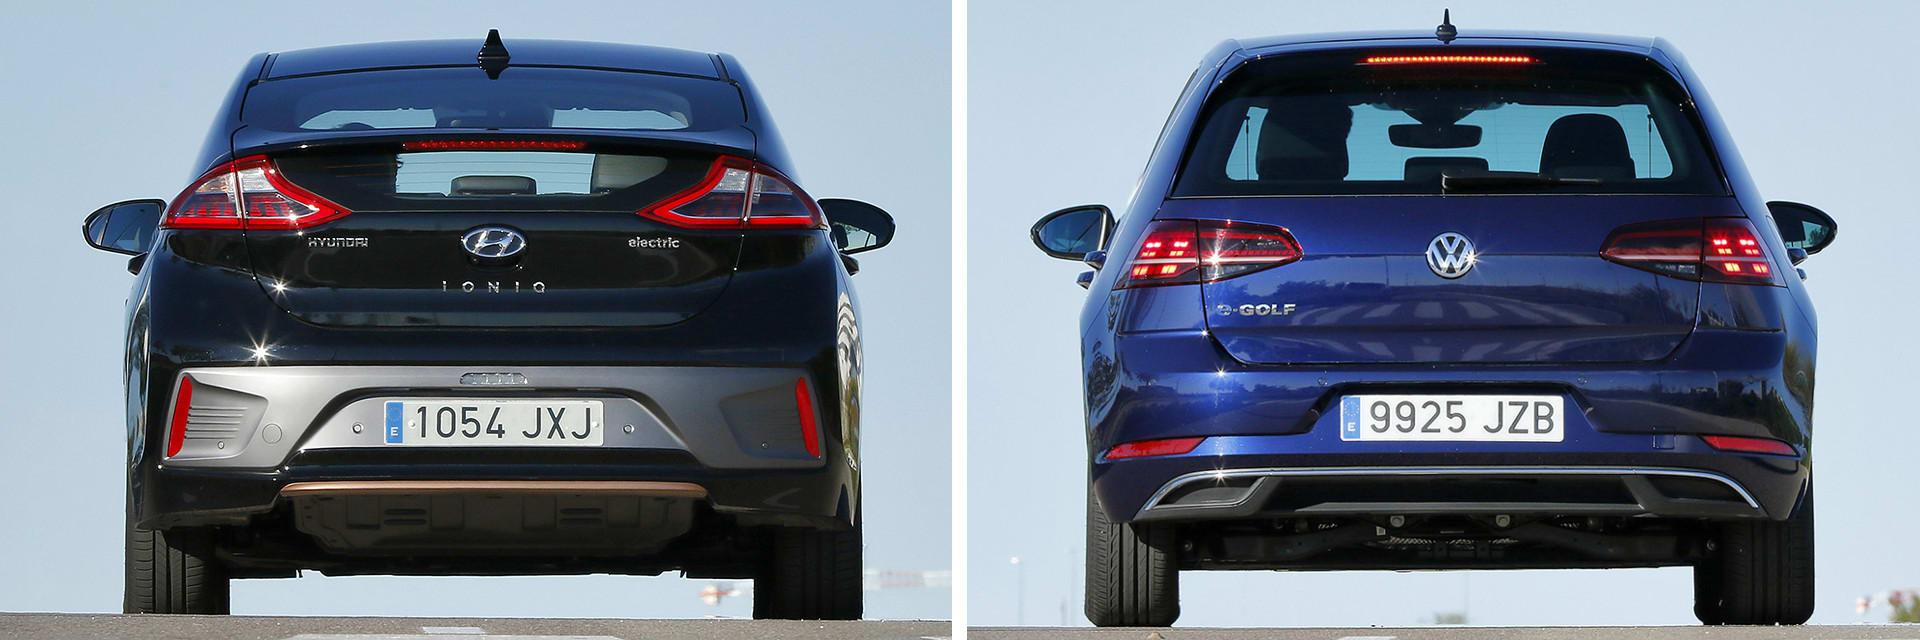 El Hyundai (izq.) se puede elegir entre tres acabados. El Volkswagen e-Golf (dcha.) únicamente está disponible con un acabado.